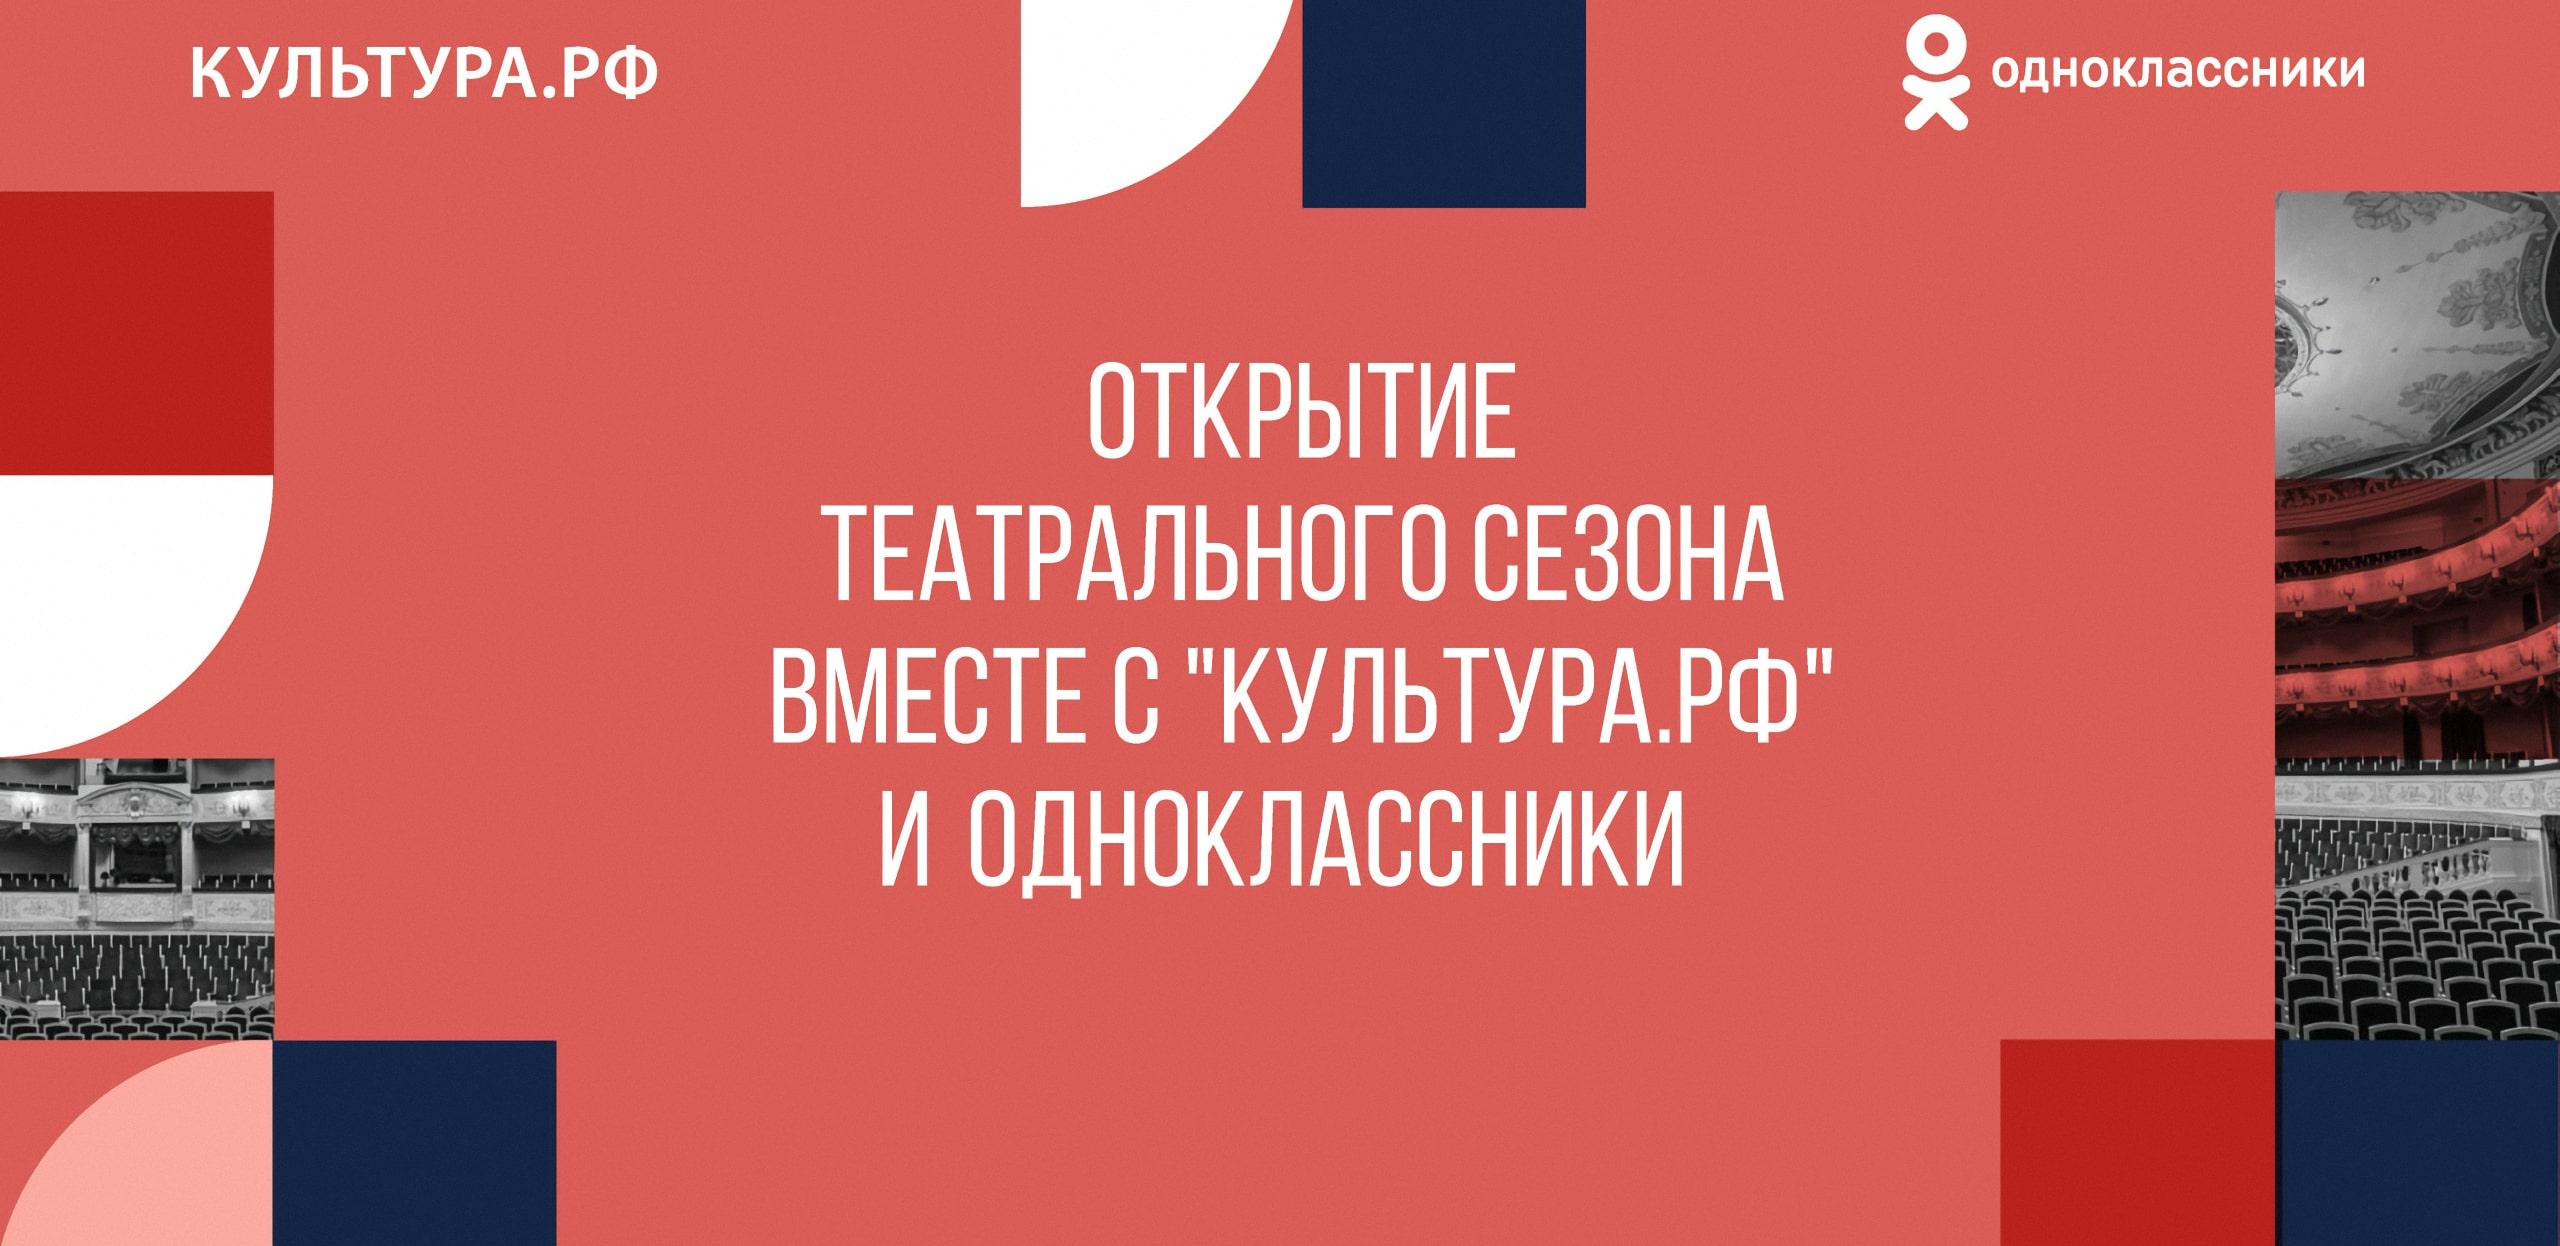 В ОК стартует театральный сезон при поддержке «Культура.РФ»